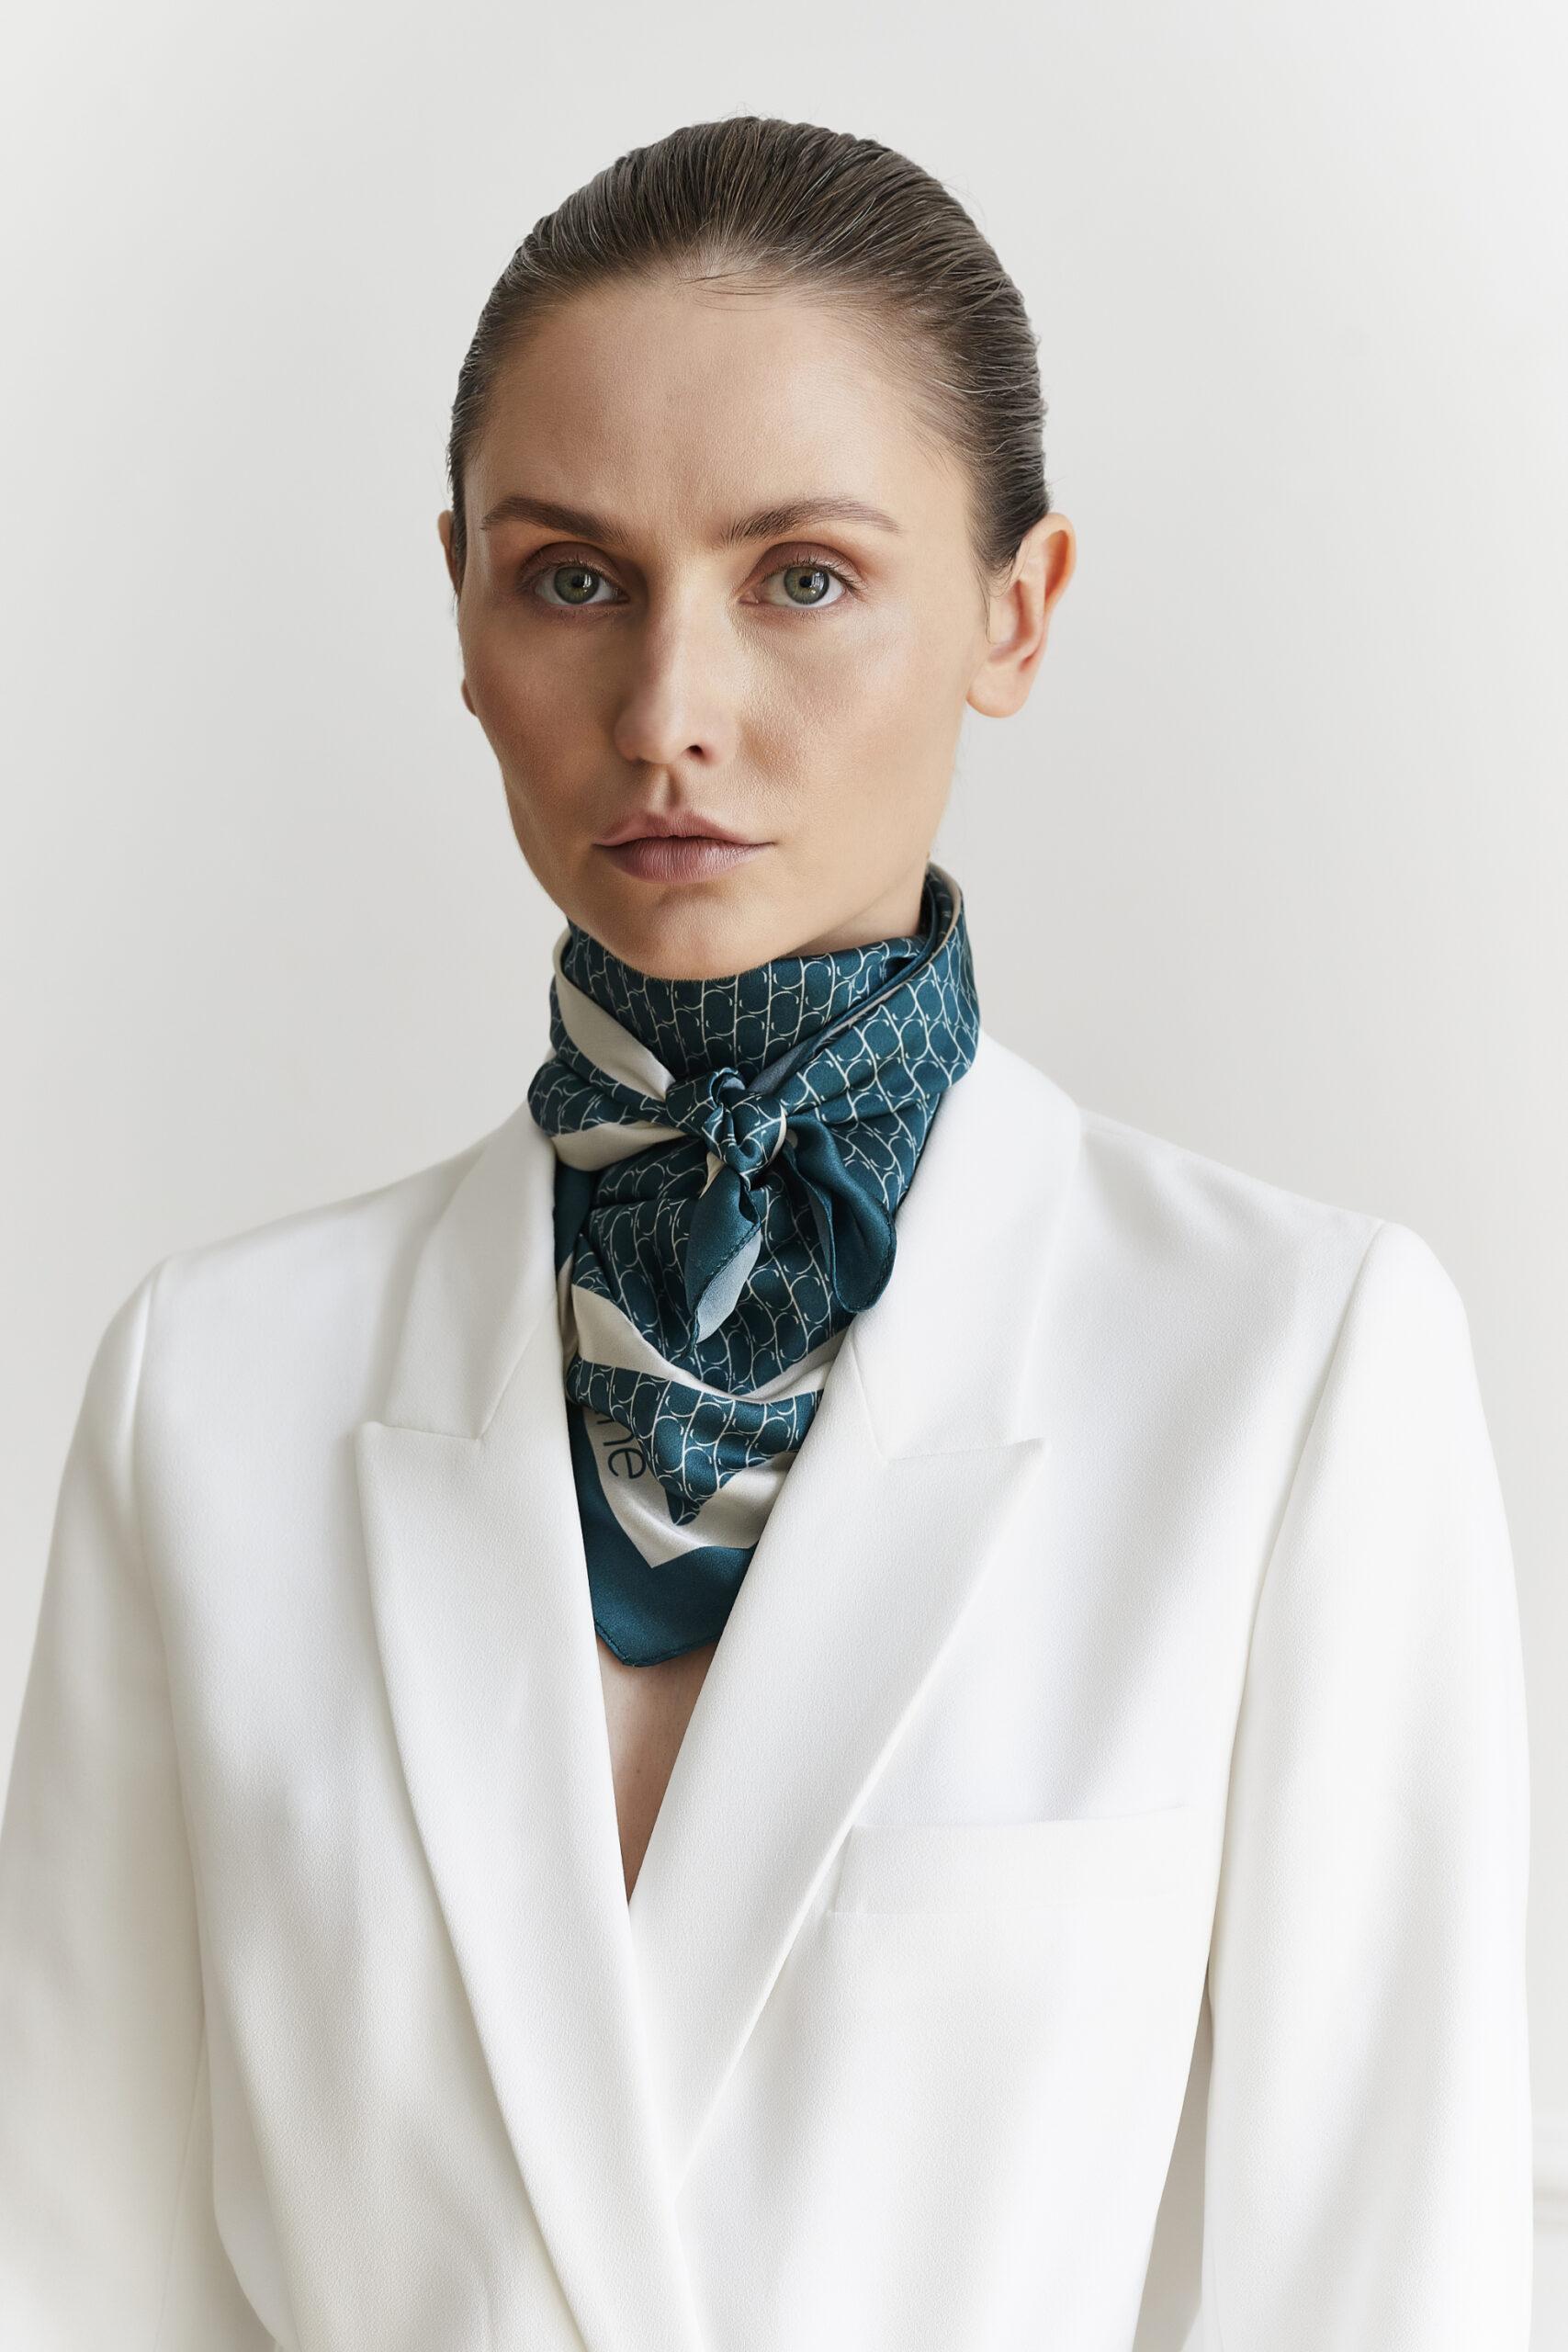 Jedwabna apaszka Sine Silk | GREEN - Sine Silk | JestemSlow.pl